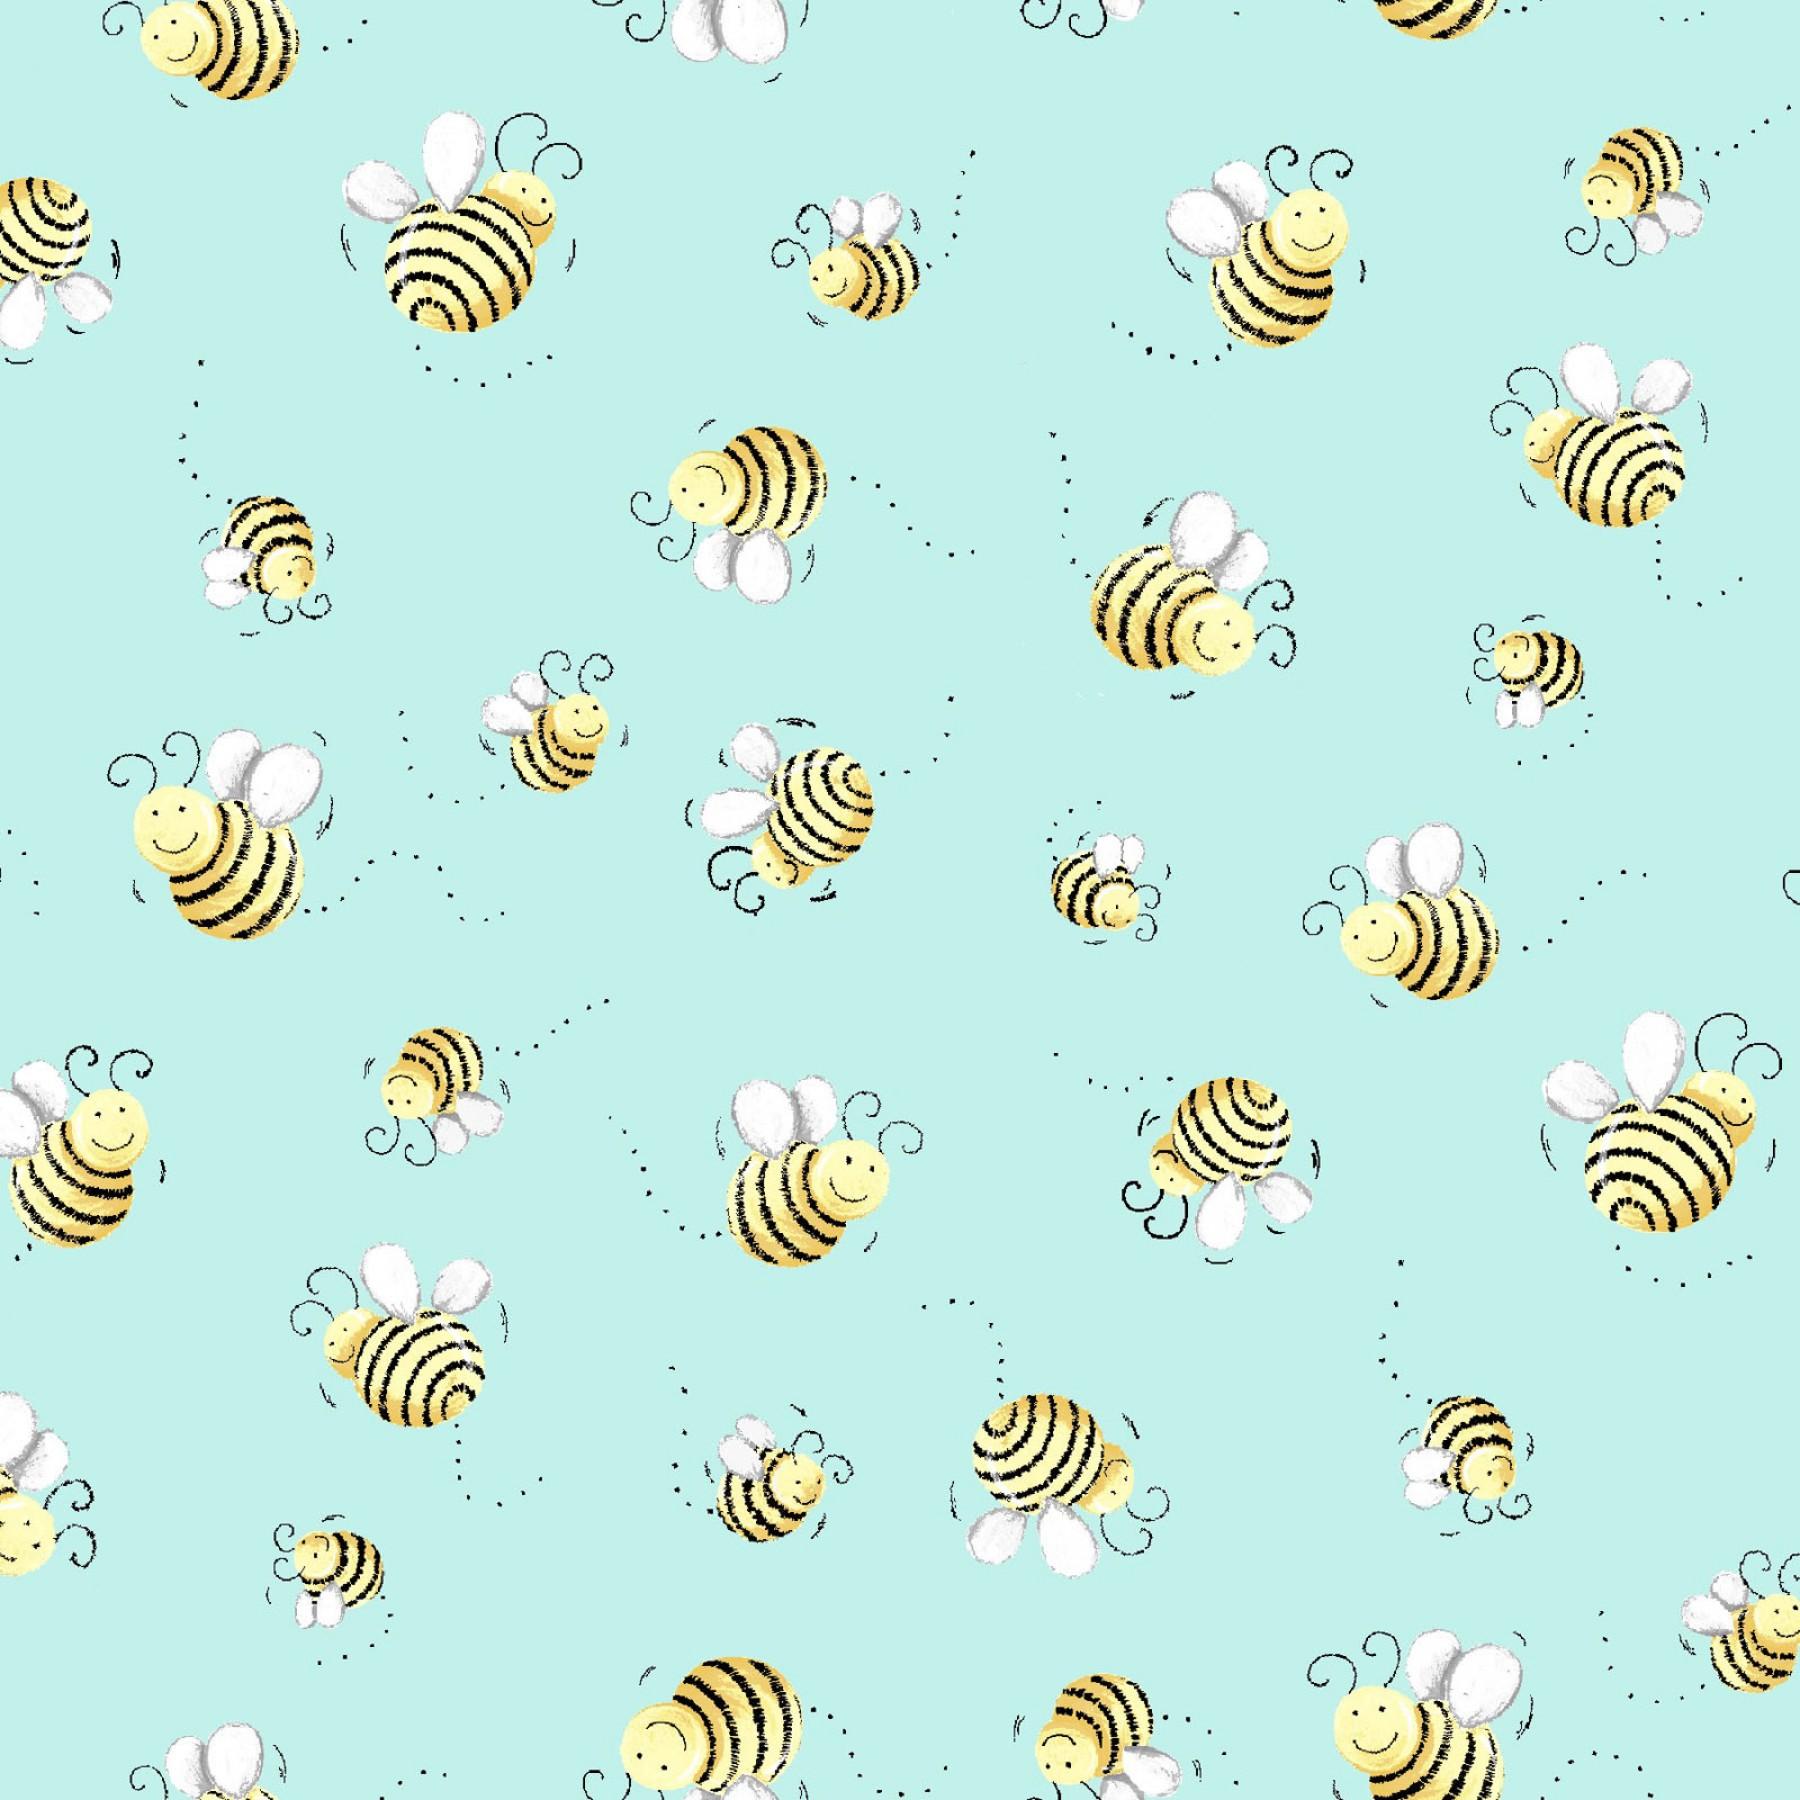 Susy's Bees Aqua